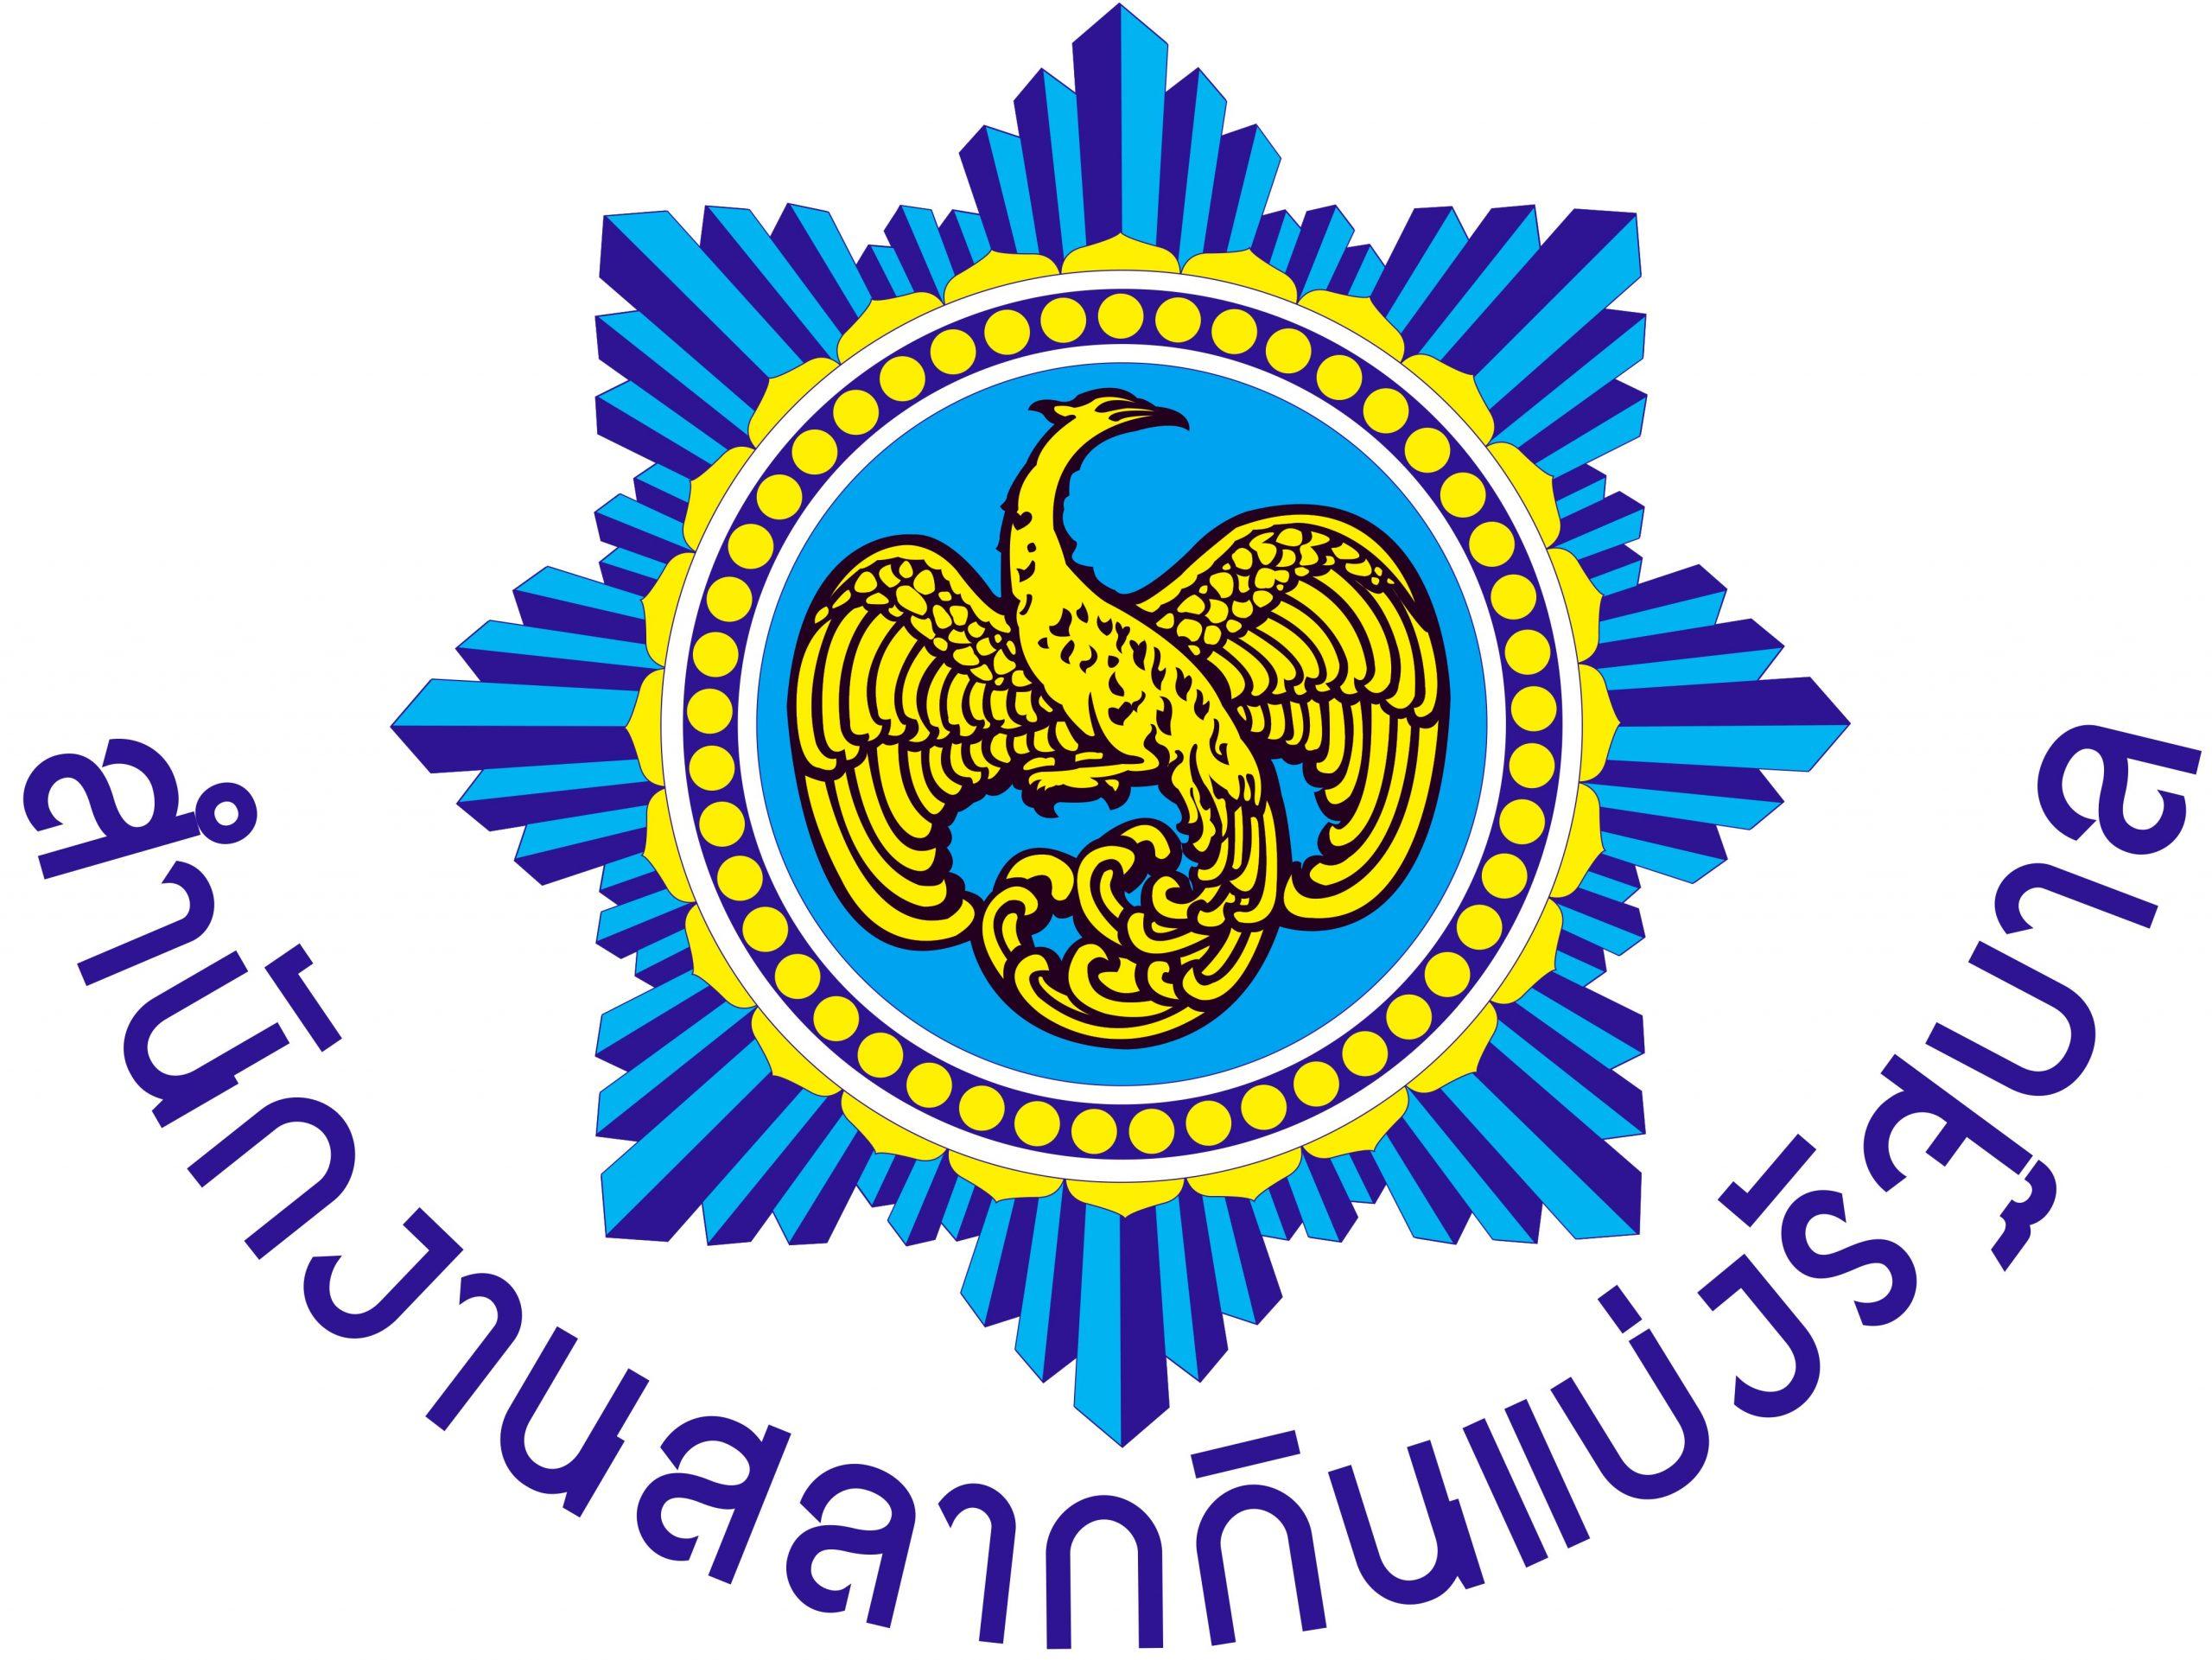 ข่าวสดวันนี้ พชร อนันตศิลป์ ม.44 สลากกินแบ่งรัฐบาล